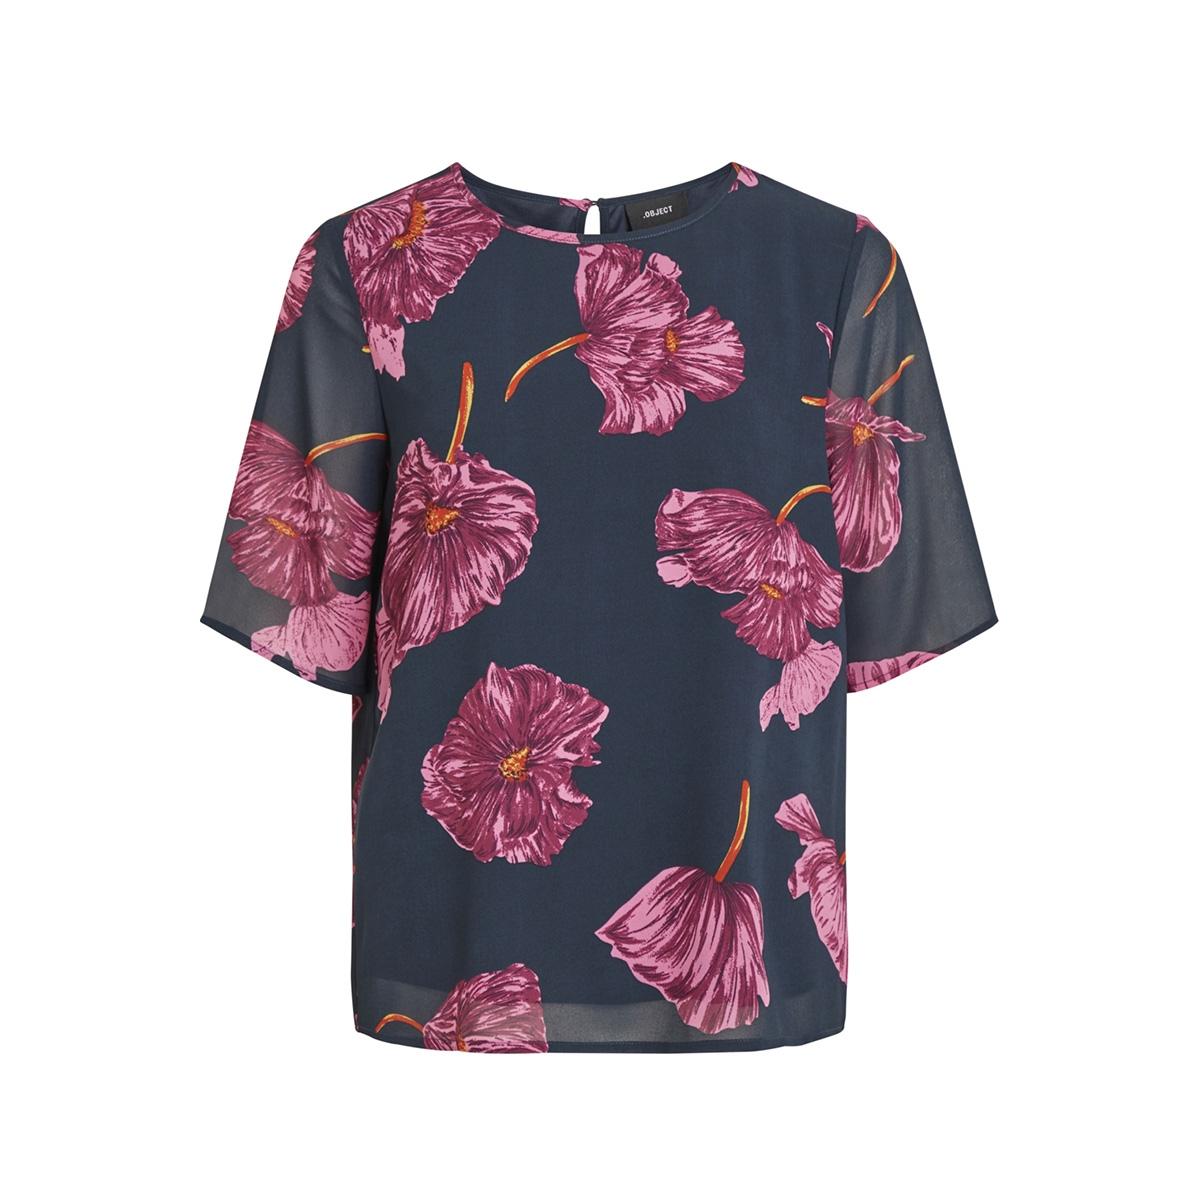 objmarquita 2/4 top a au 23029007 object t-shirt sky captain/floral